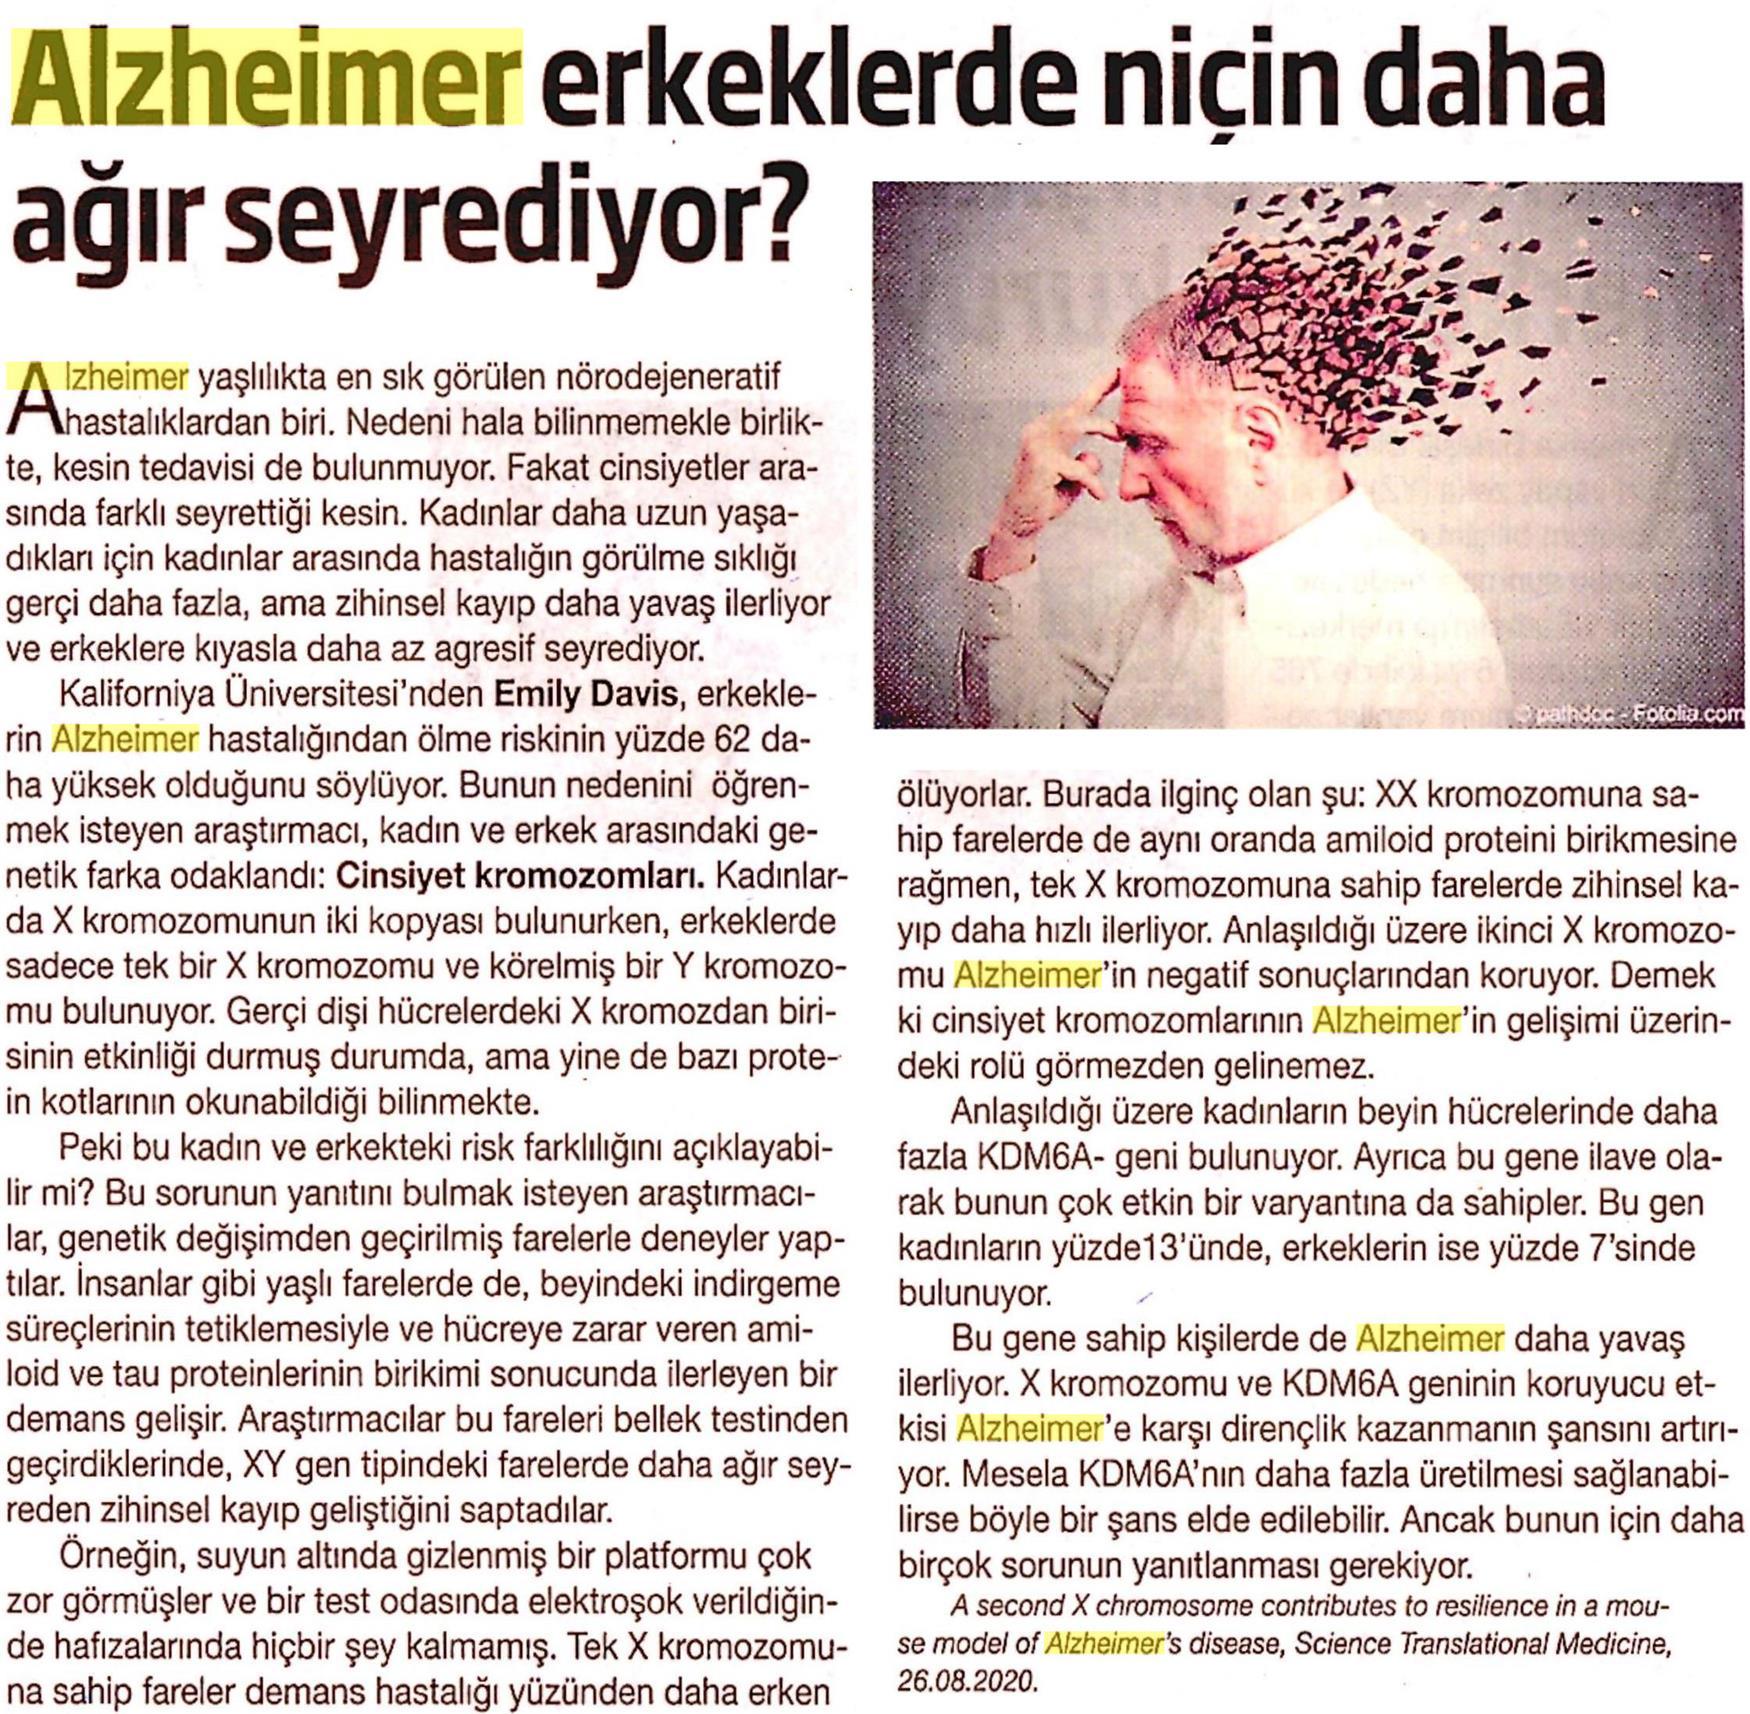 Alzheimer Erkeklerde Niçin Daha Ağır Seyrediyor